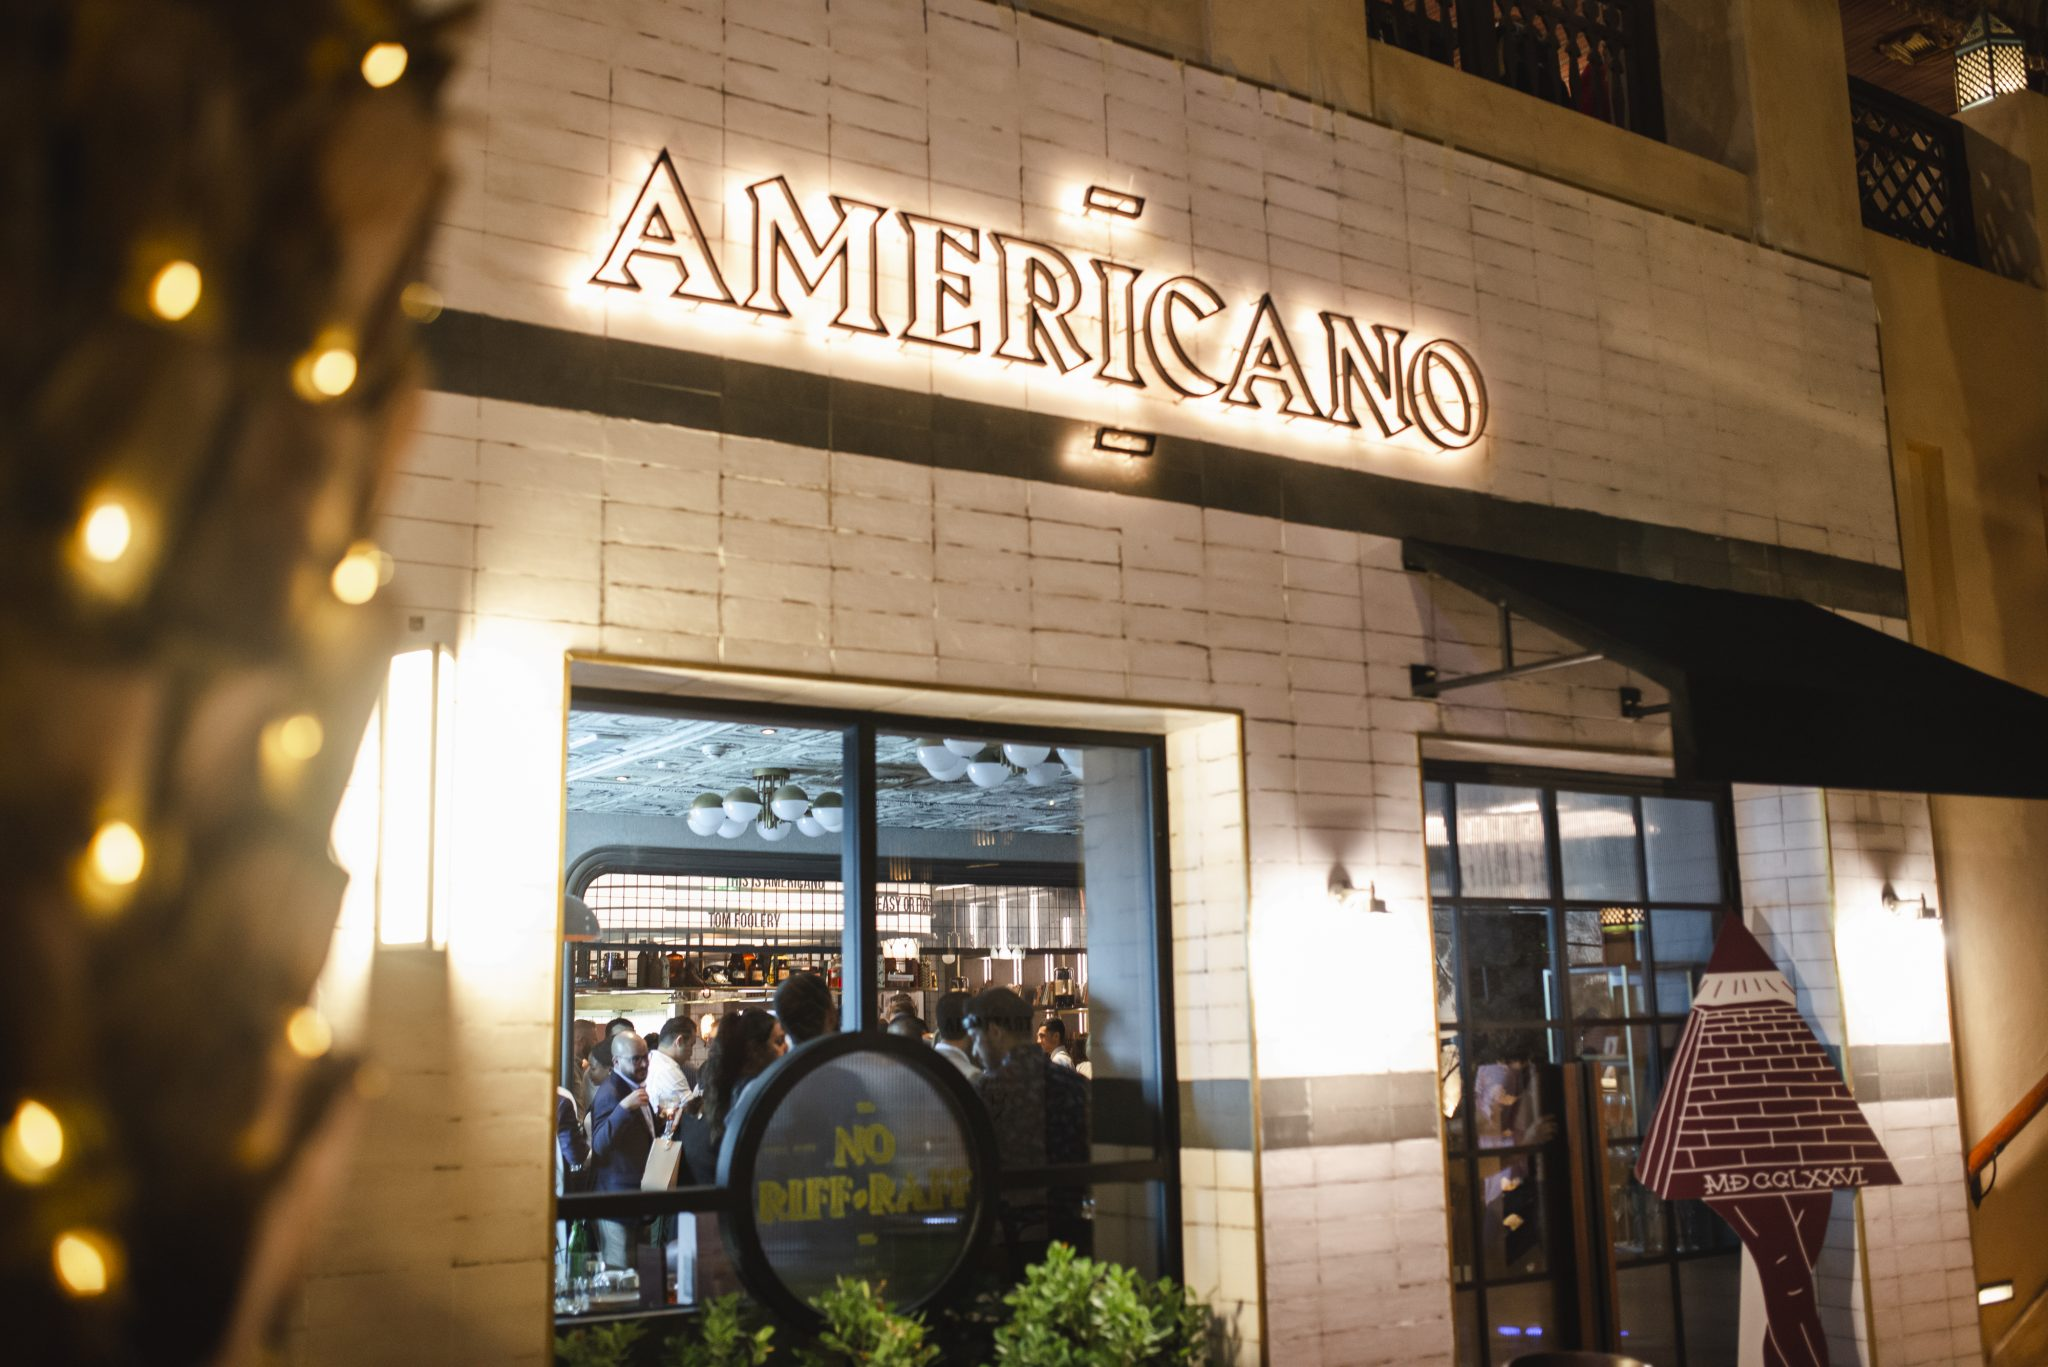 مطعم أميركانو يعلن عن برنامج حفلاته لسنة 2020